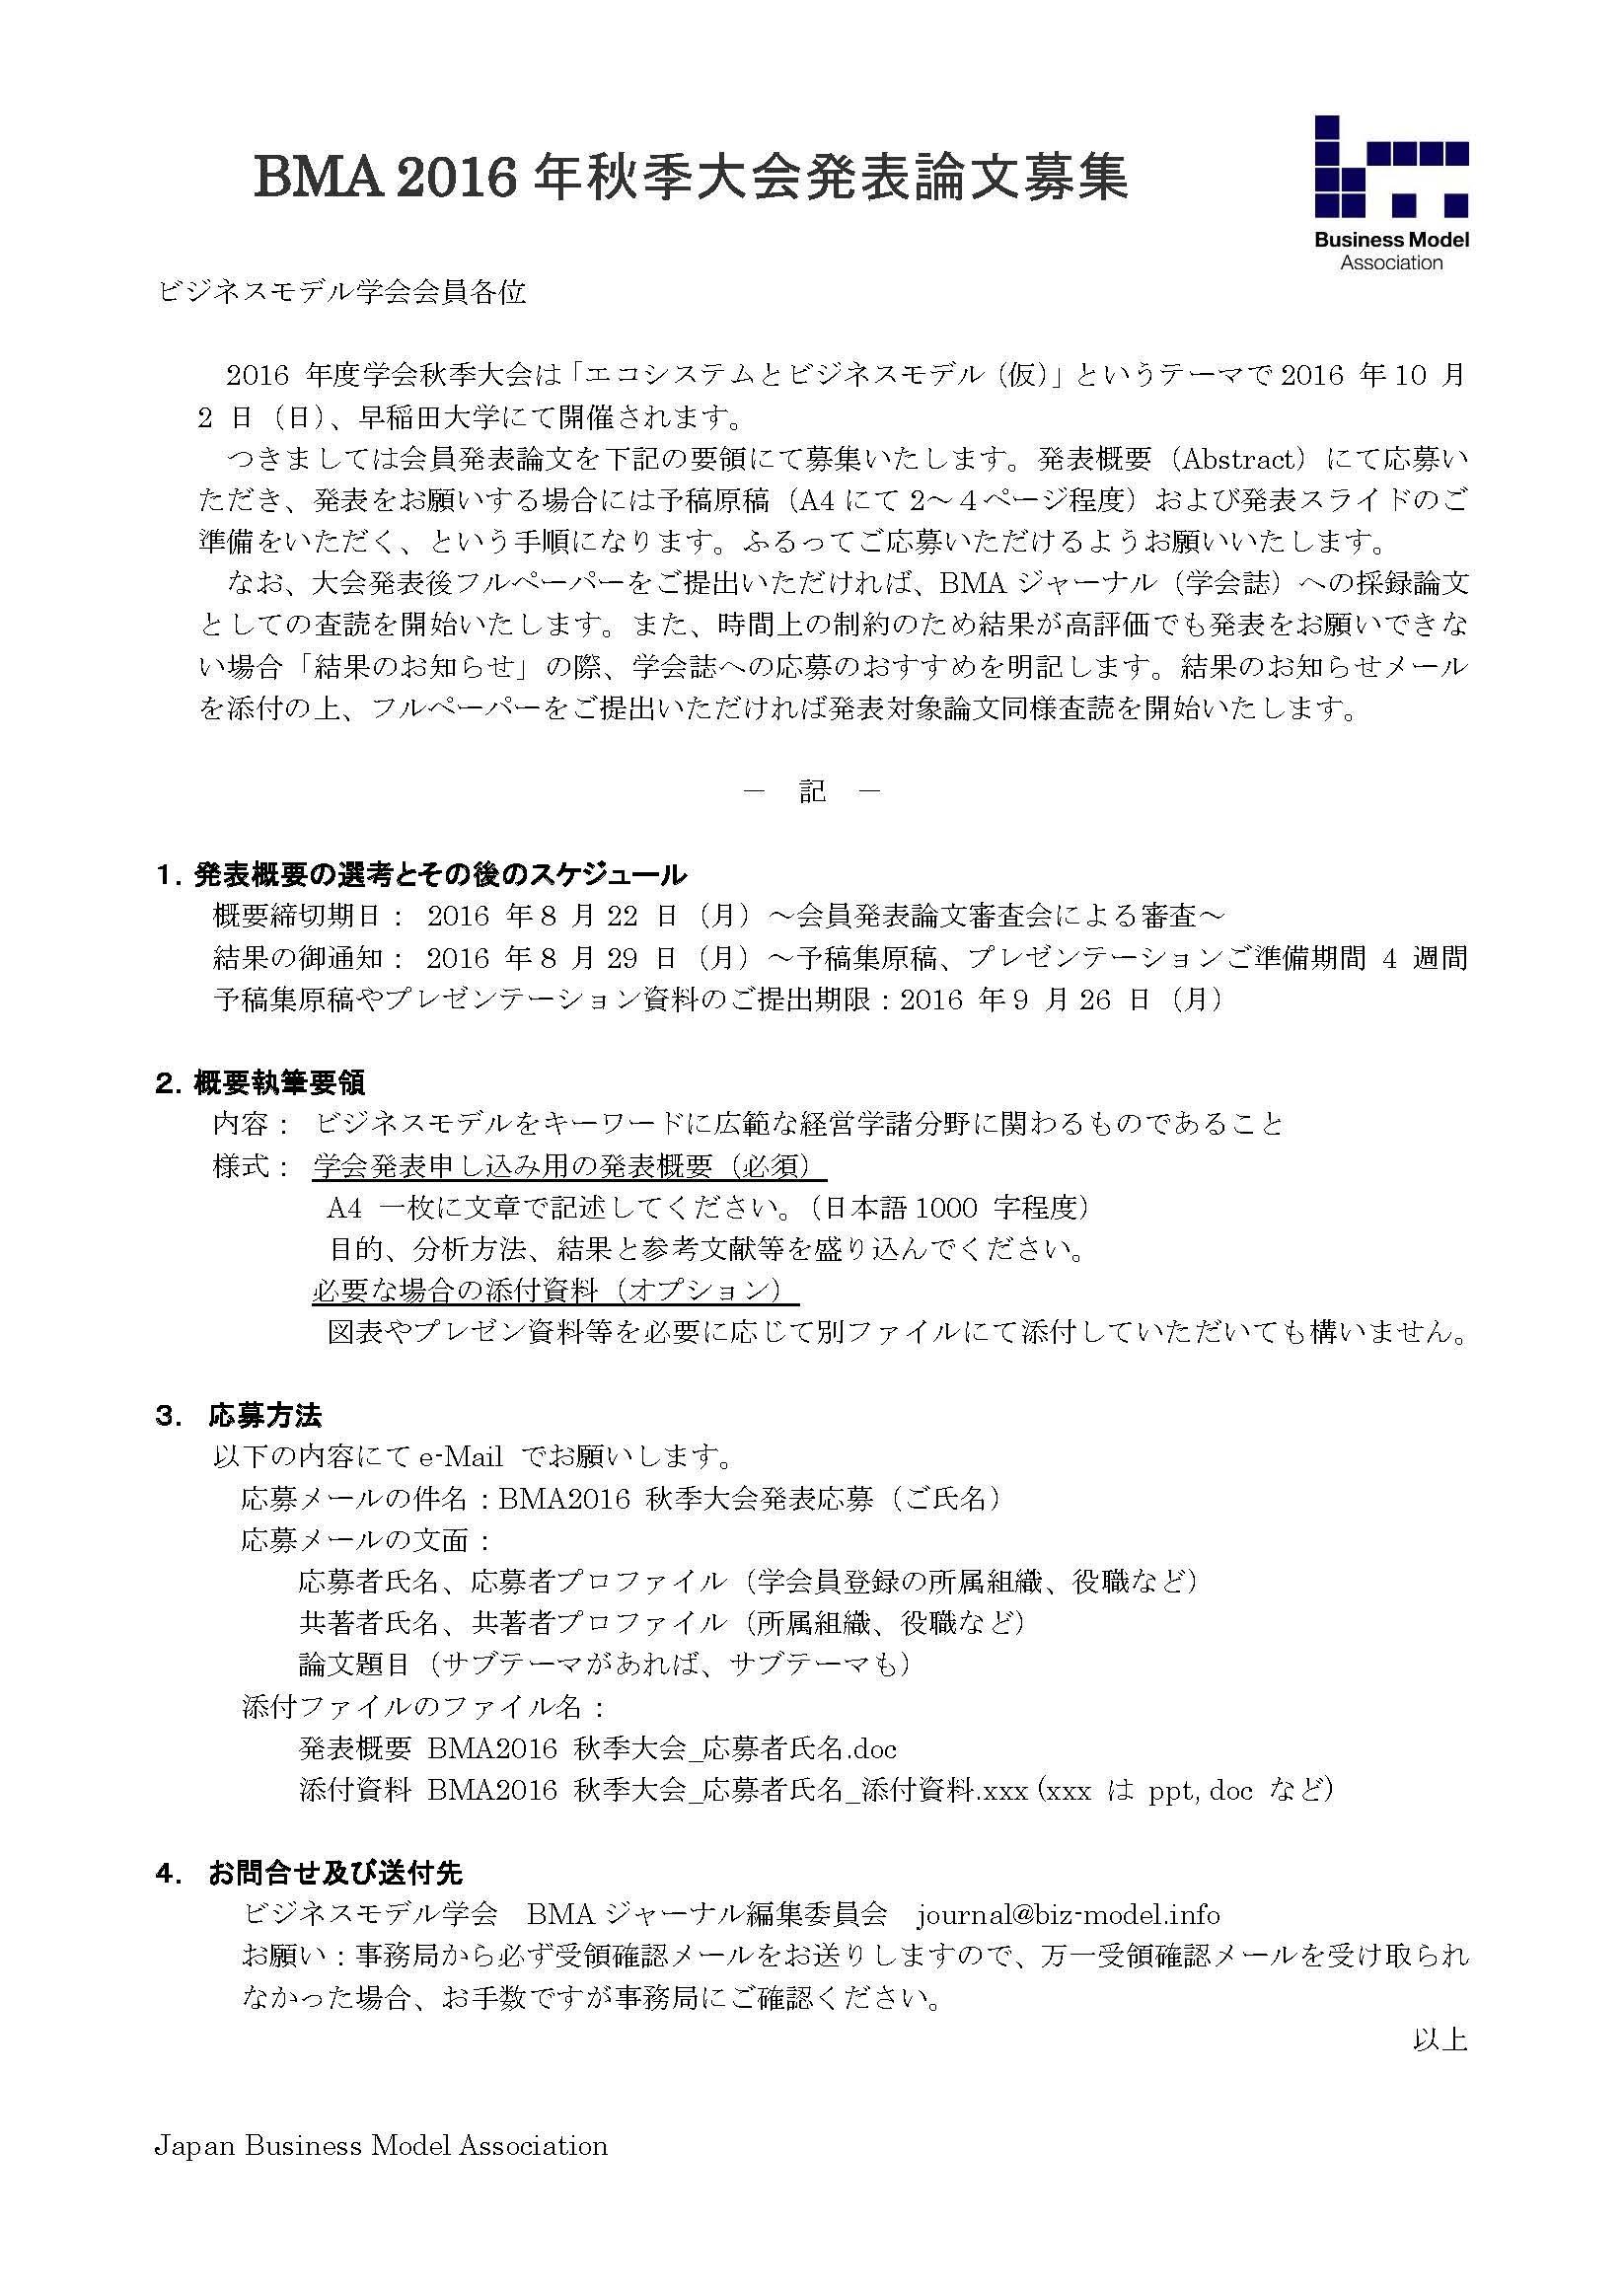 2016年ビジネスモデル学会秋季大会募集要項_Ver.2